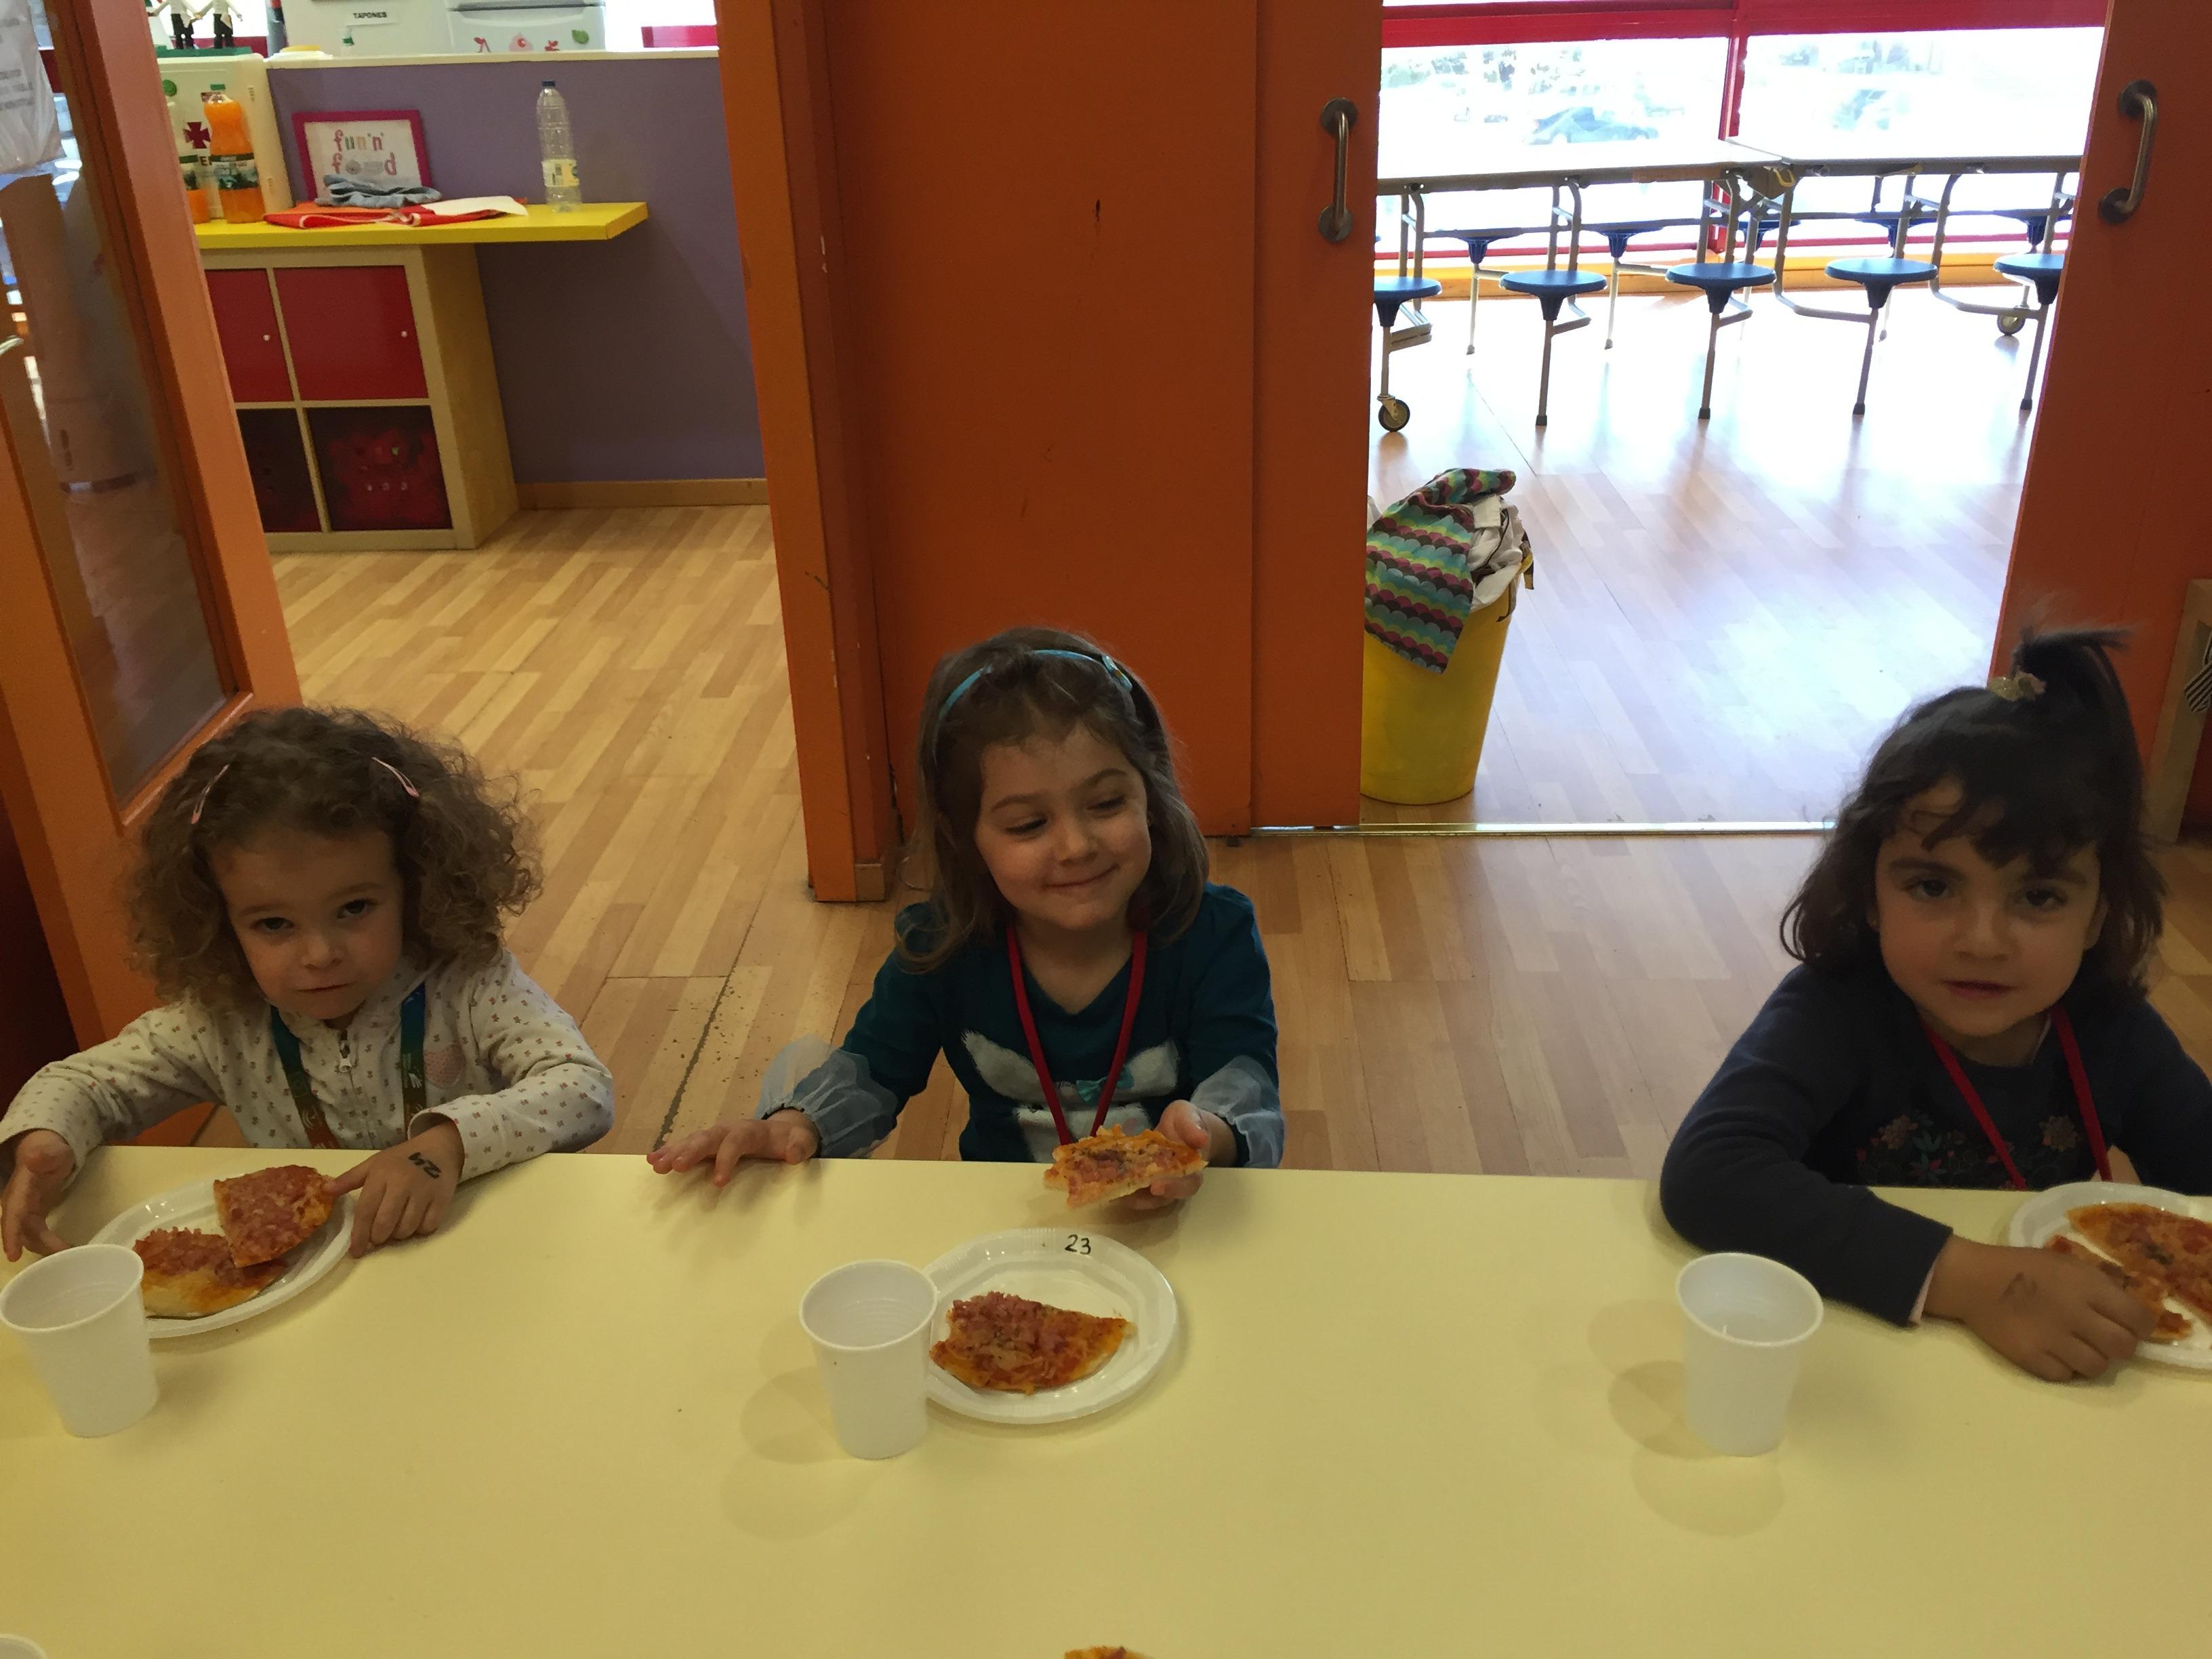 Excursión Escuela de cocina 15